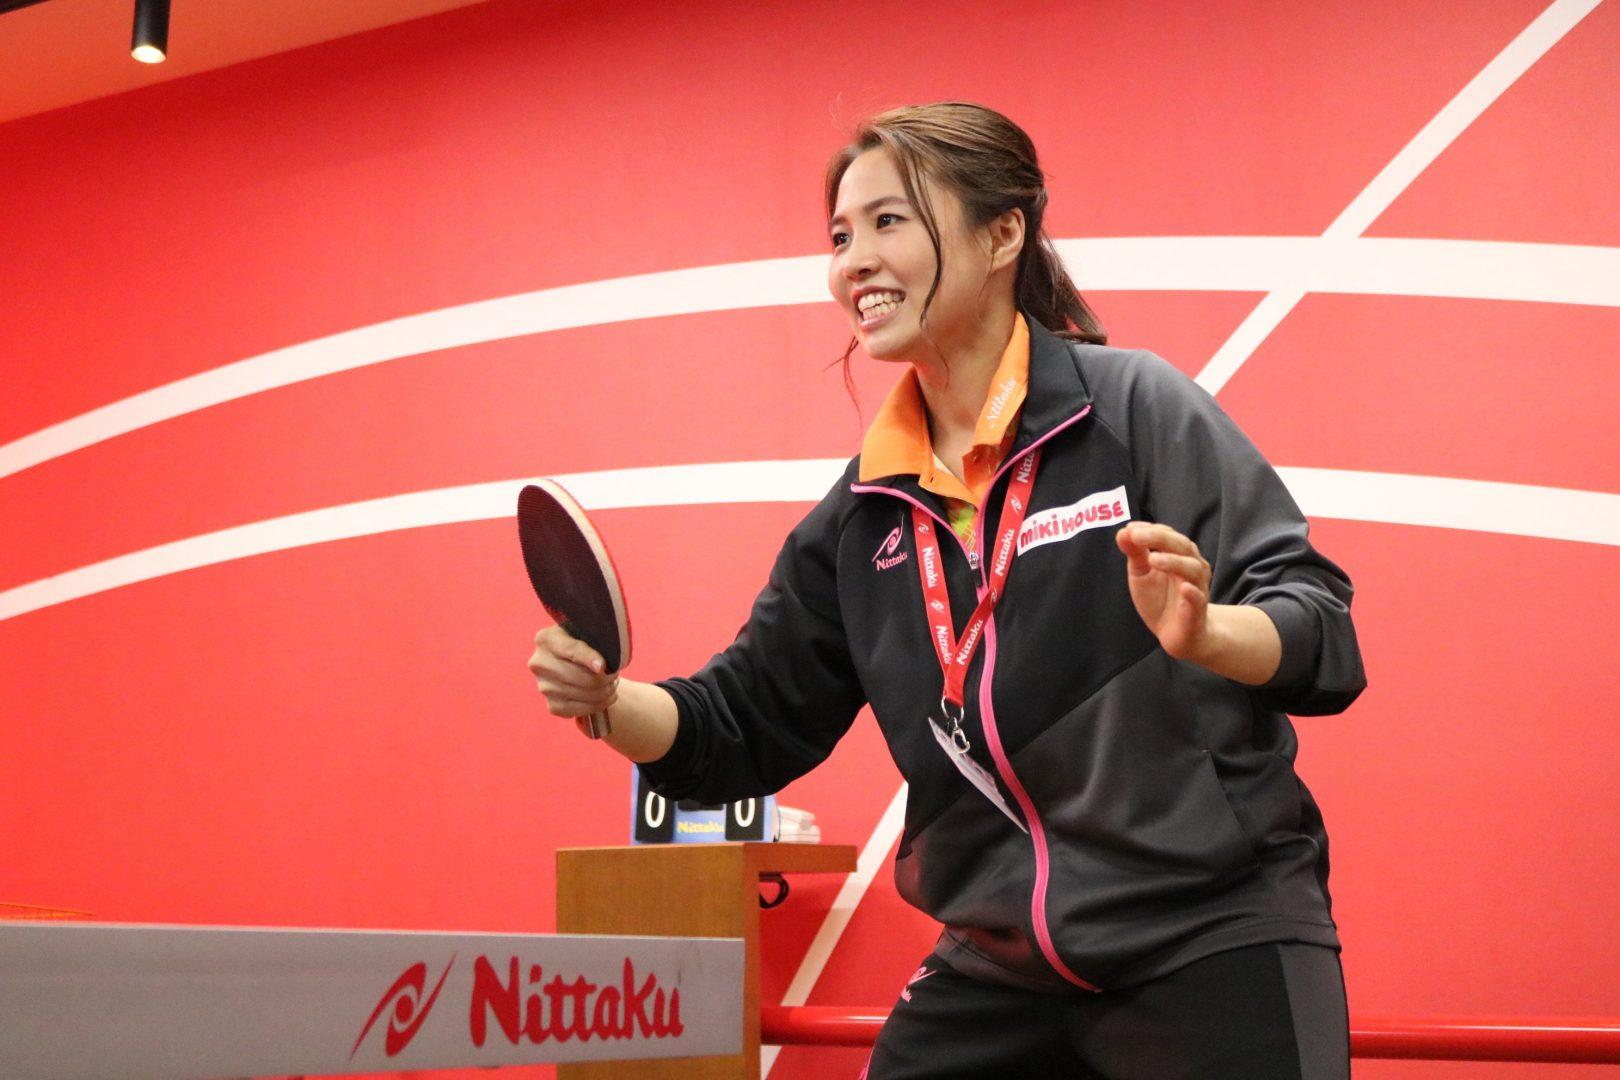 石川佳純パパがダブルスで優勝 平野早矢香、スリッパ卓球大会に参加